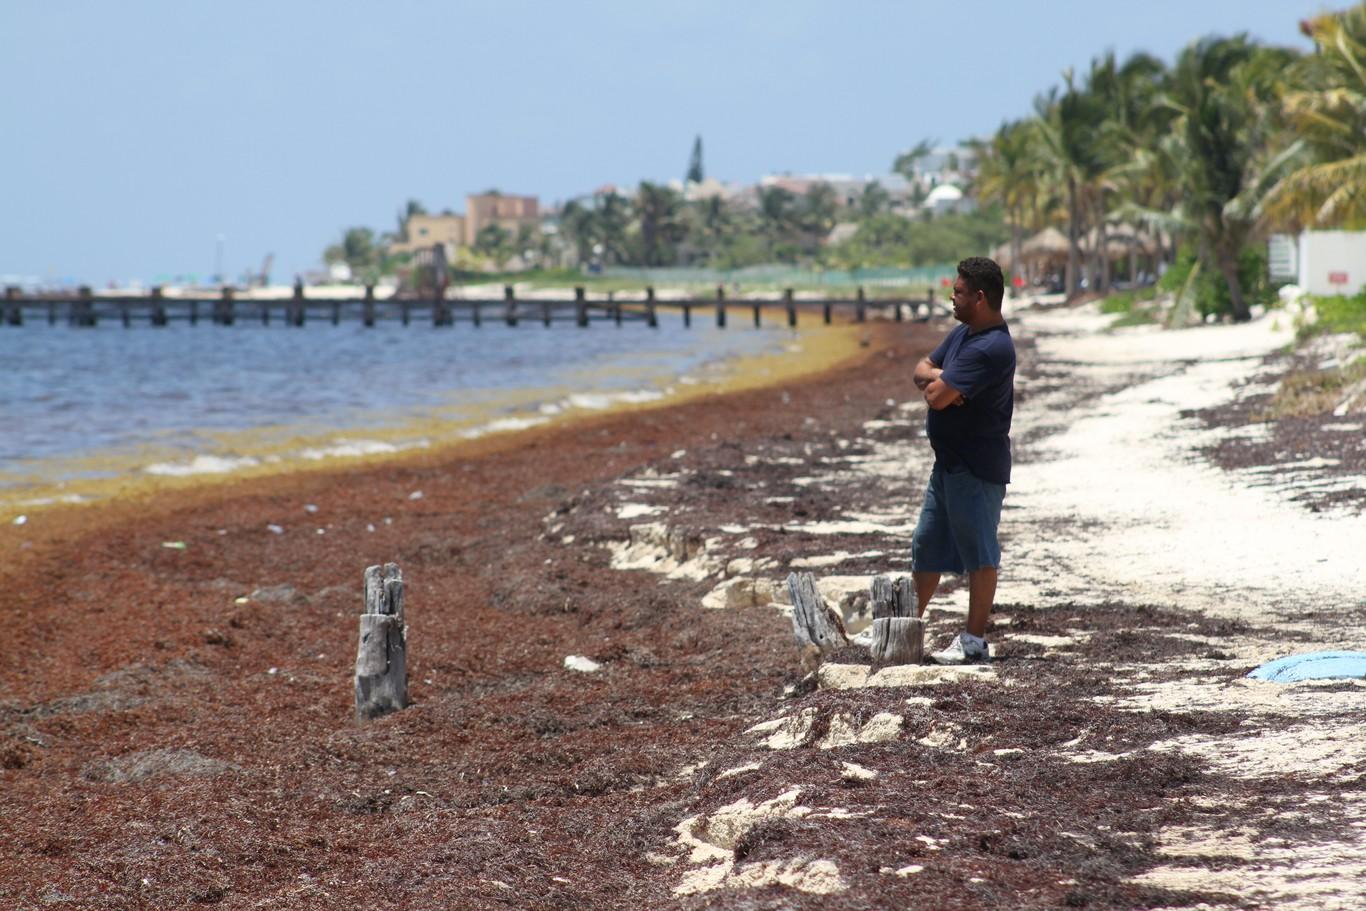 """Ya hay declaratoria de emergencia en Quintana Roo por sargazo: es un """"inminente desastre natural"""" dice..."""